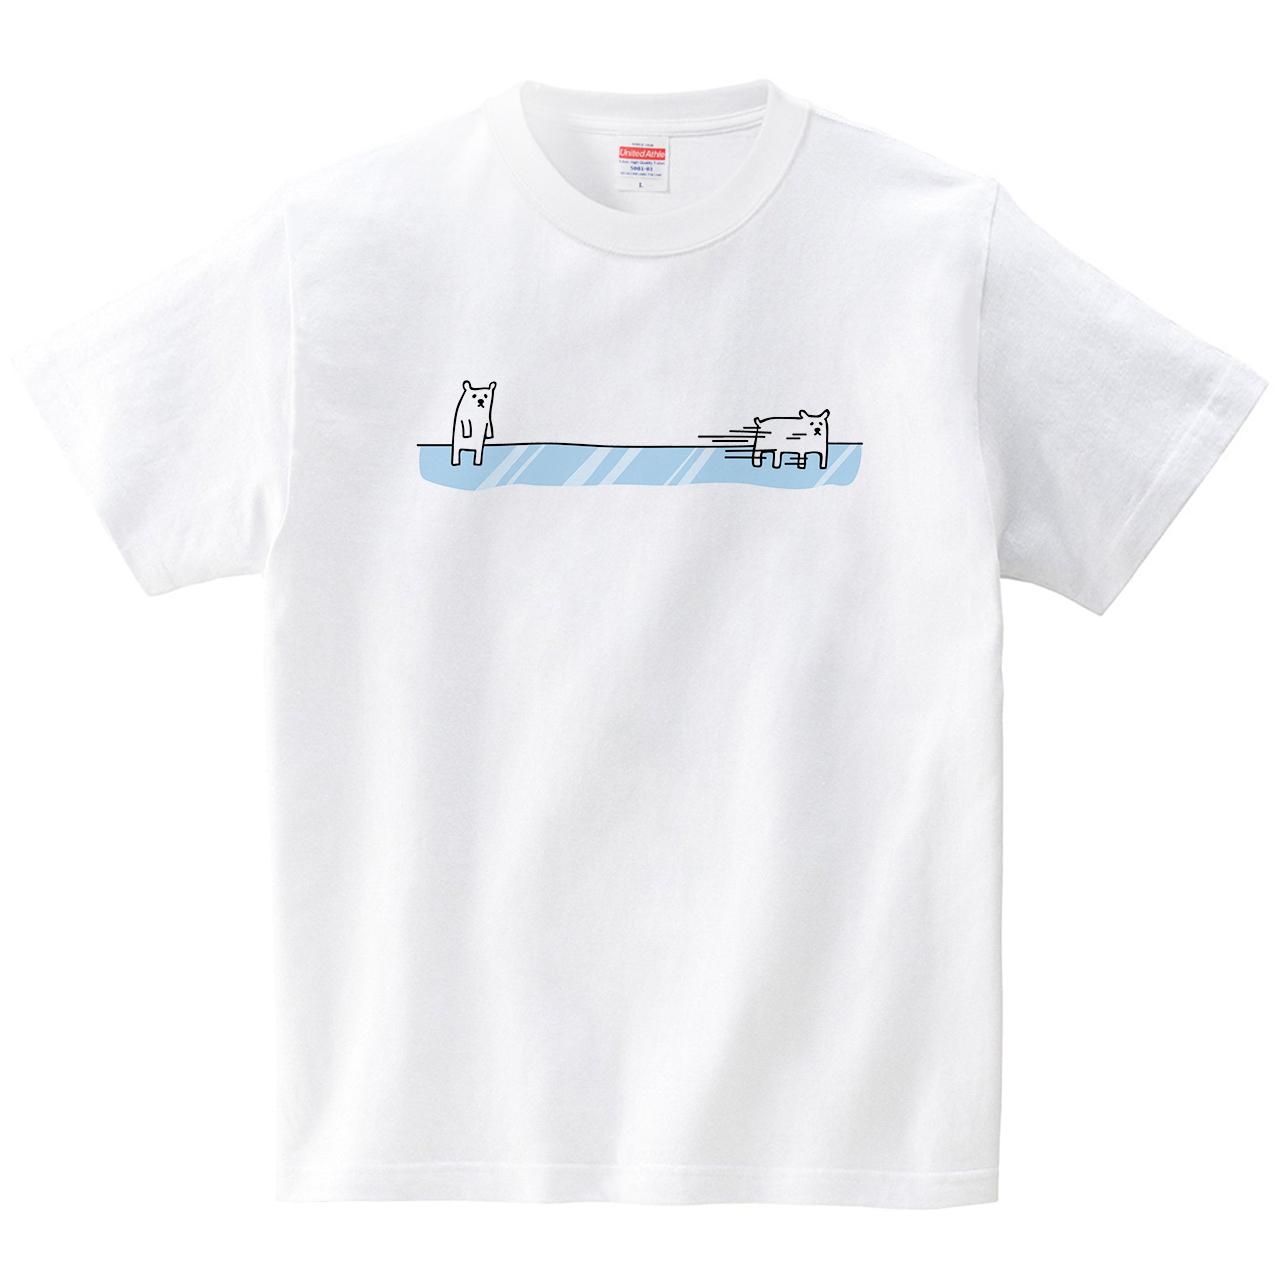 滑るホッキョクグマ(Tシャツ・ホワイト)(オワリ)